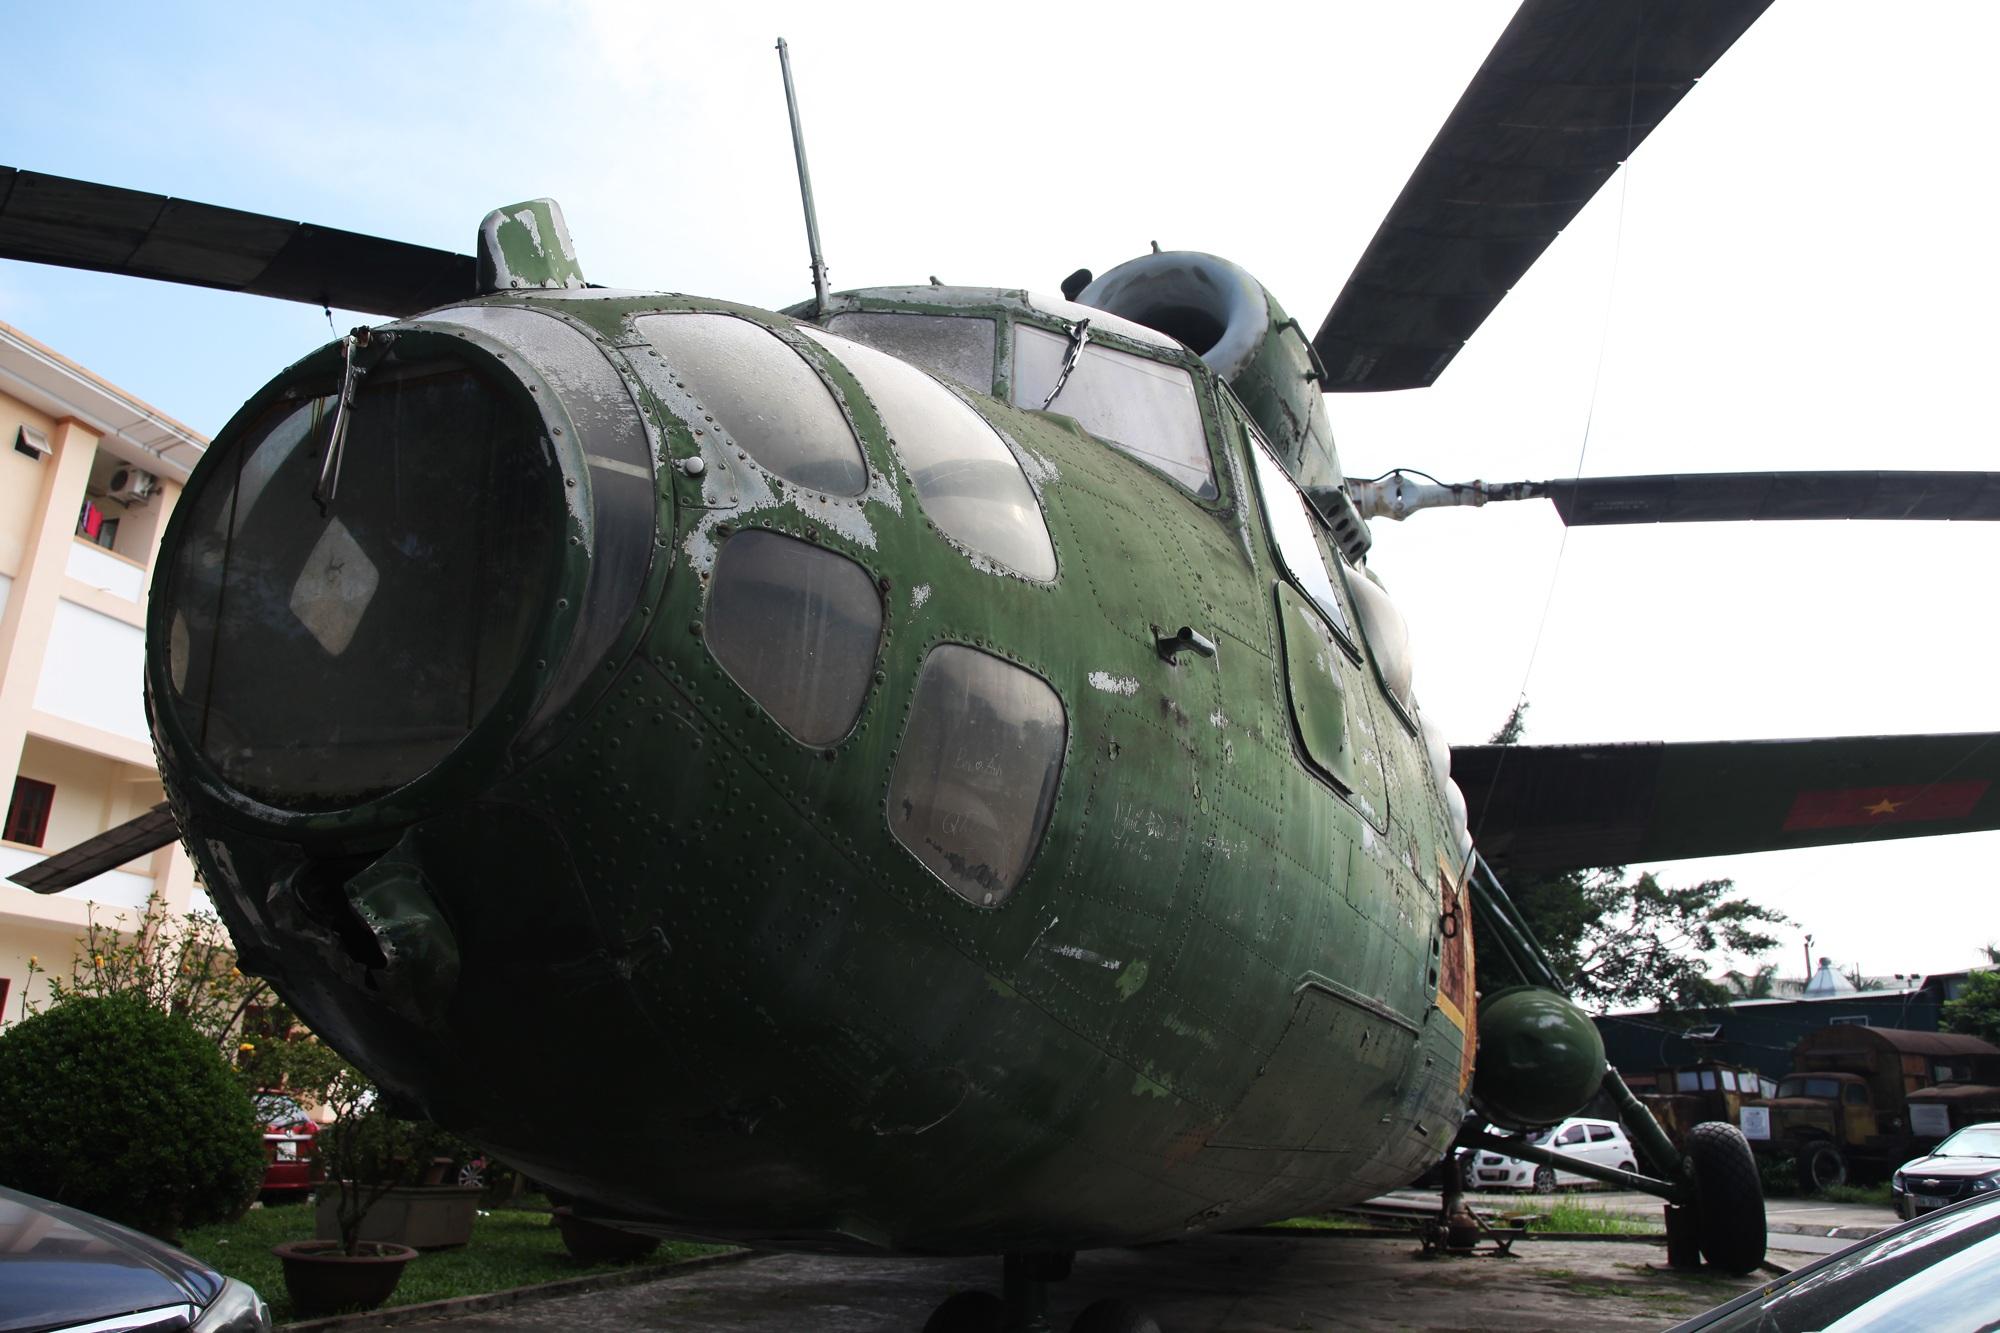 Cận cảnh trực thăng khổng lồ huyền thoại của Không quân Việt Nam - 1